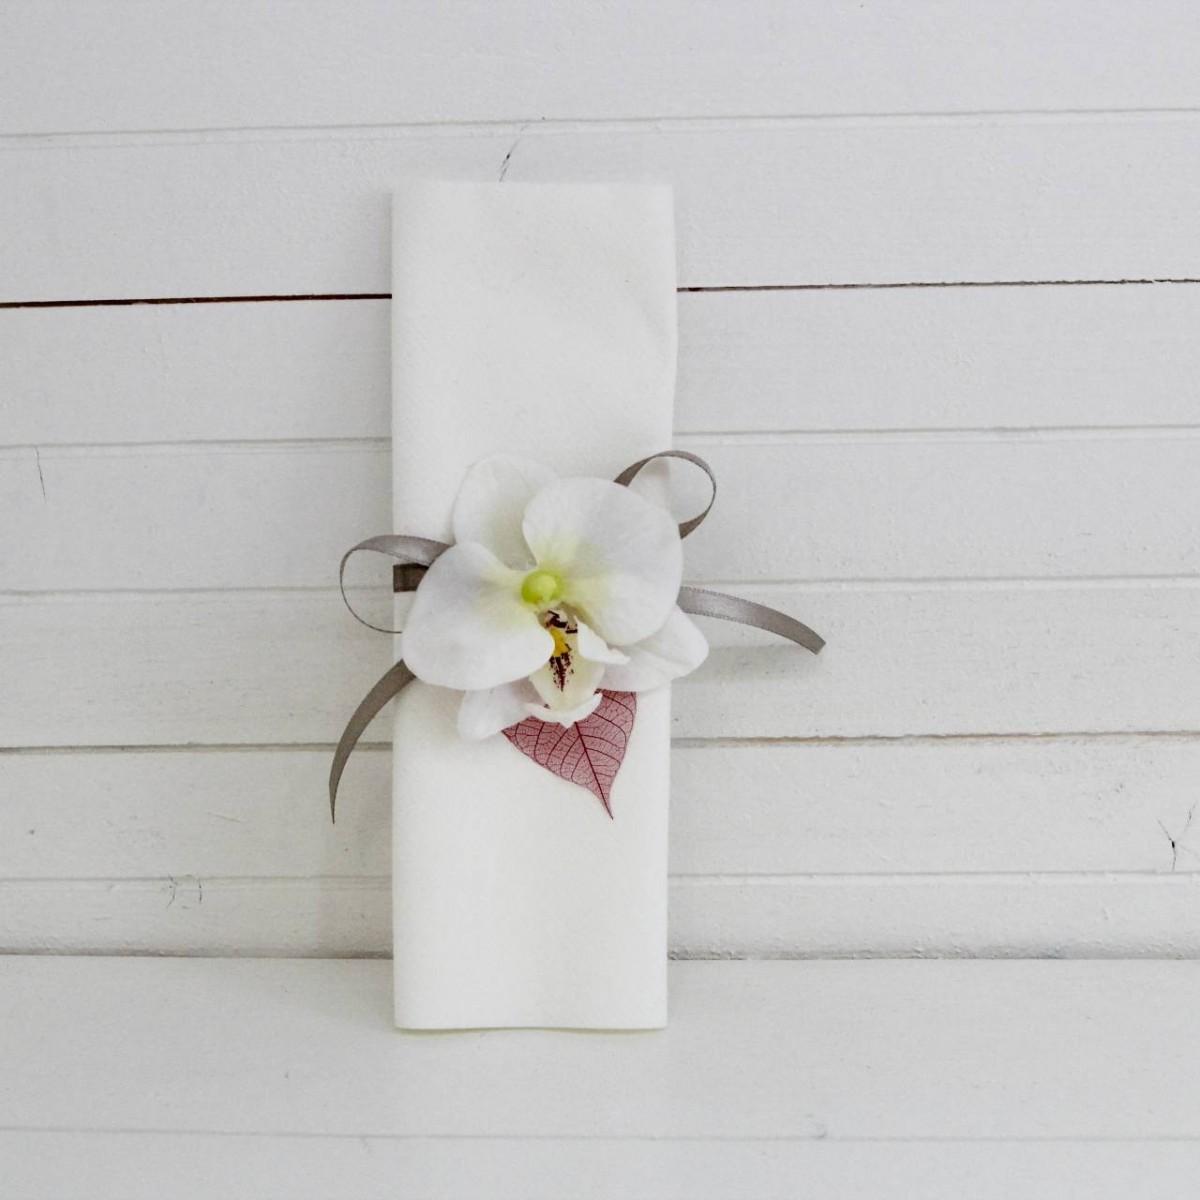 Rond de serviette orchid e les p tites f es - Serviette de table mariage ...